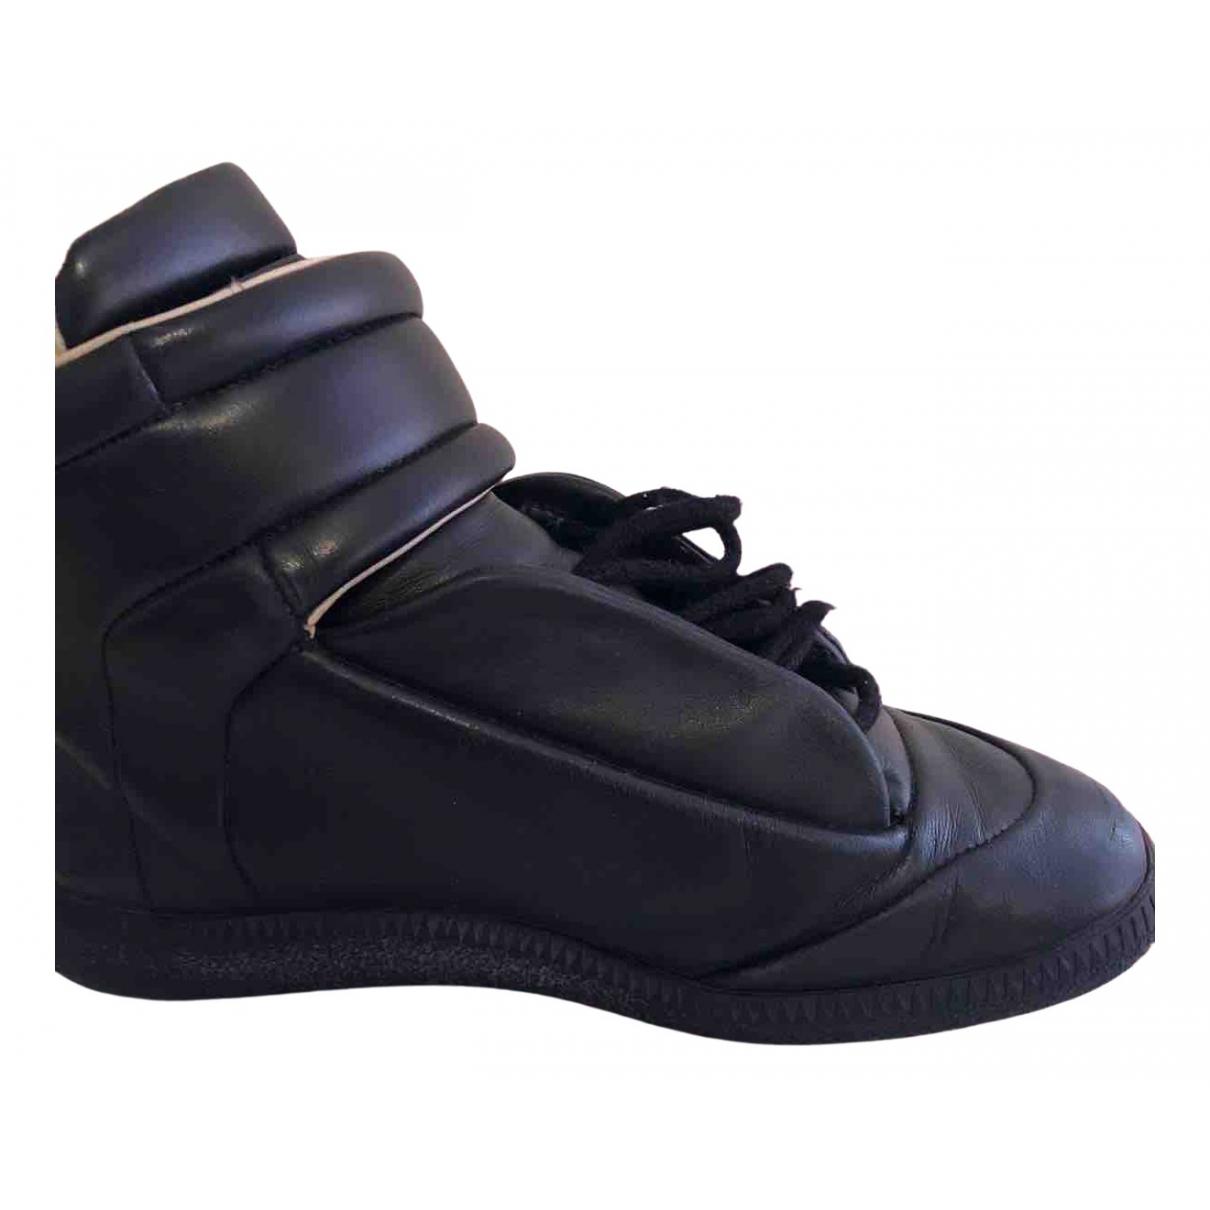 Maison Martin Margiela - Baskets   pour femme en cuir - noir